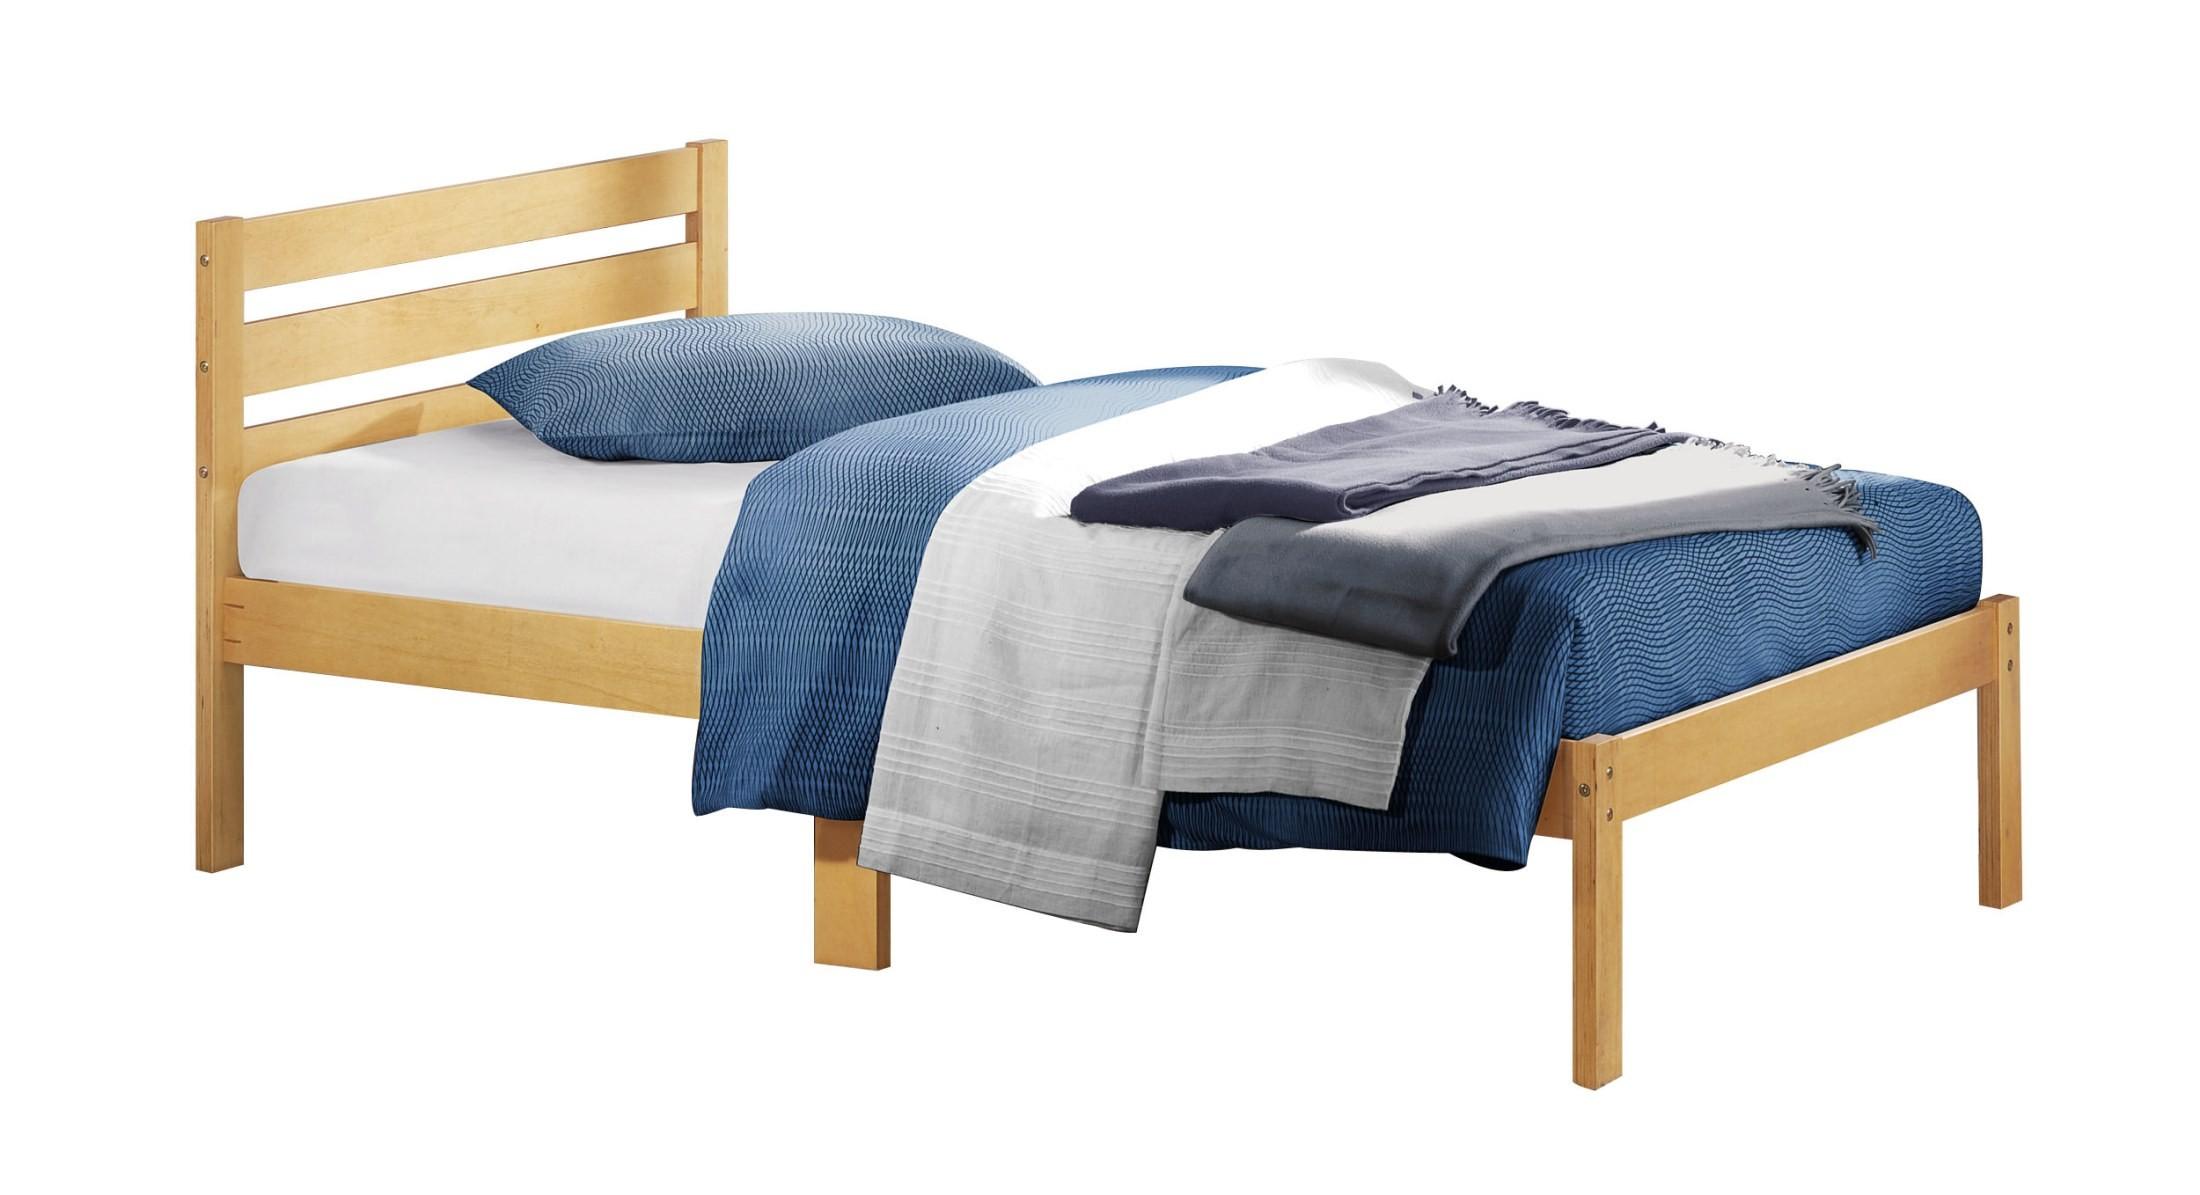 Bart light oak twin platform bed from homelegance 5794tak 1 coleman furniture - Oak platform beds ...